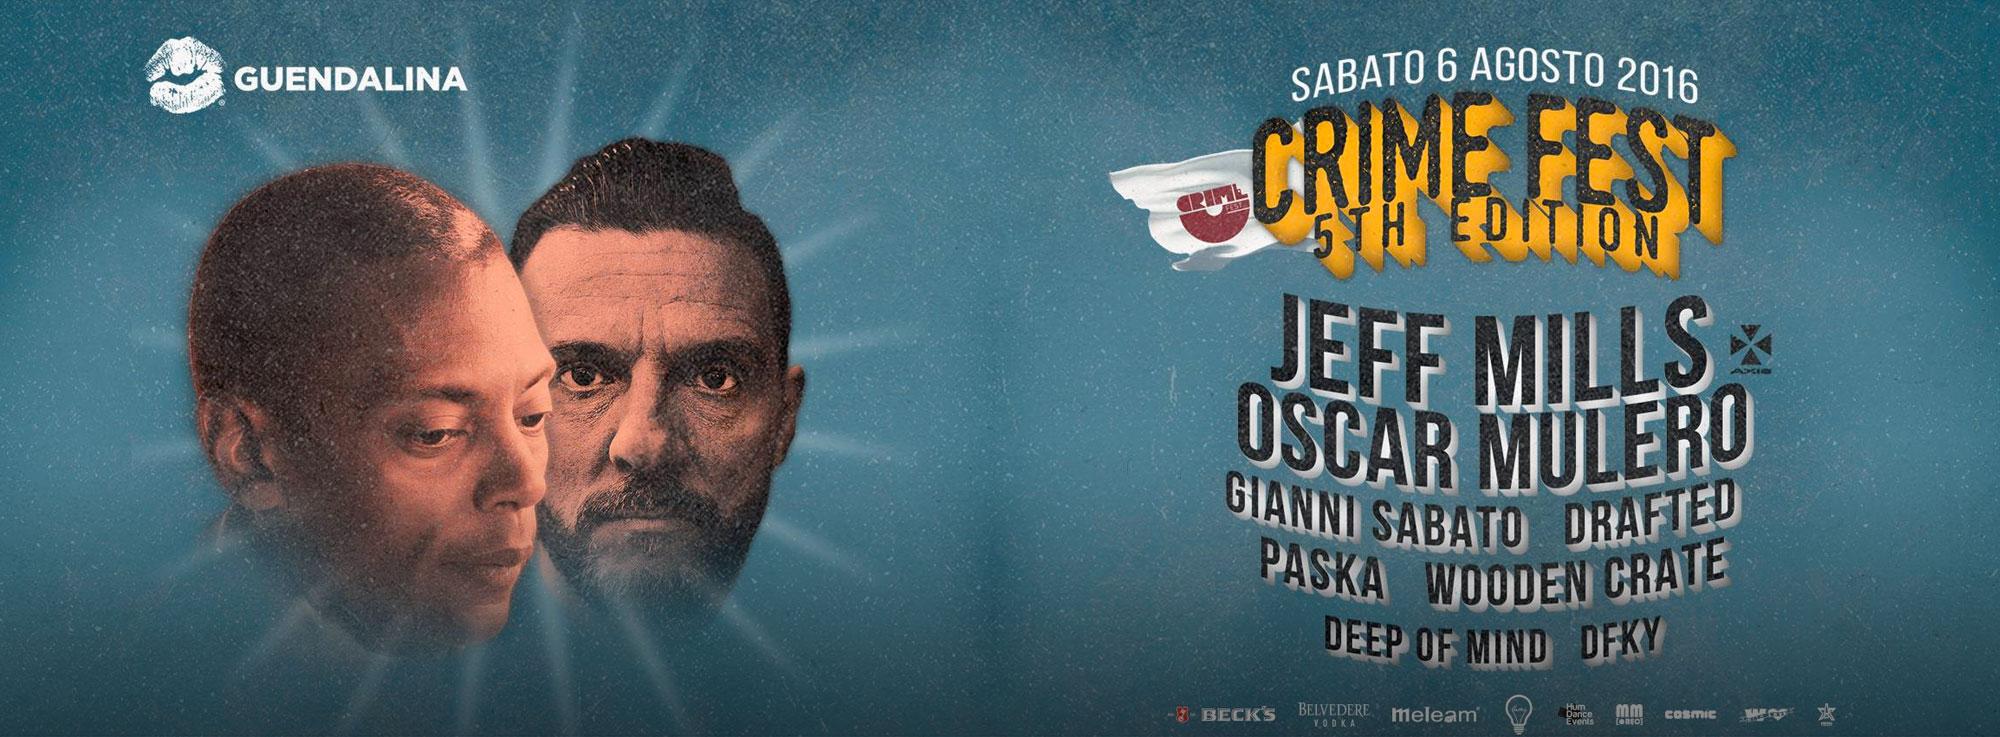 Santa Cesarea Terme, Gallipoli: Crime Fest